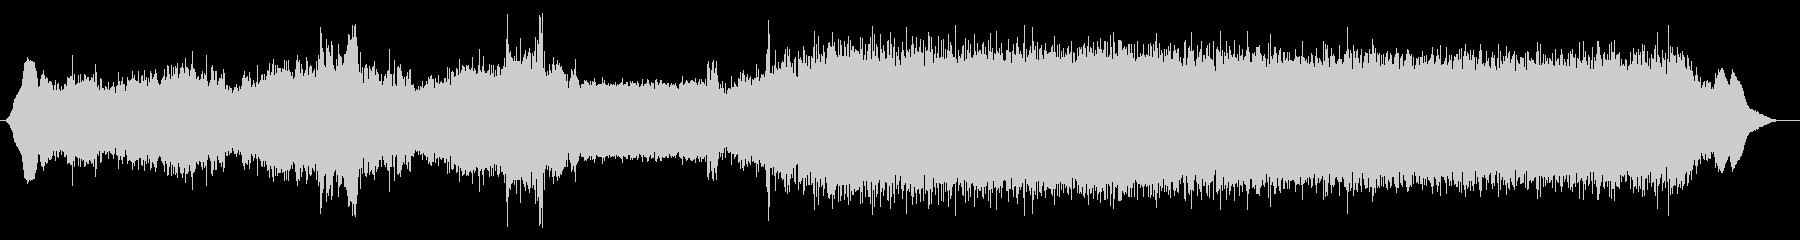 光学ドライブ03-1(動作音)の未再生の波形